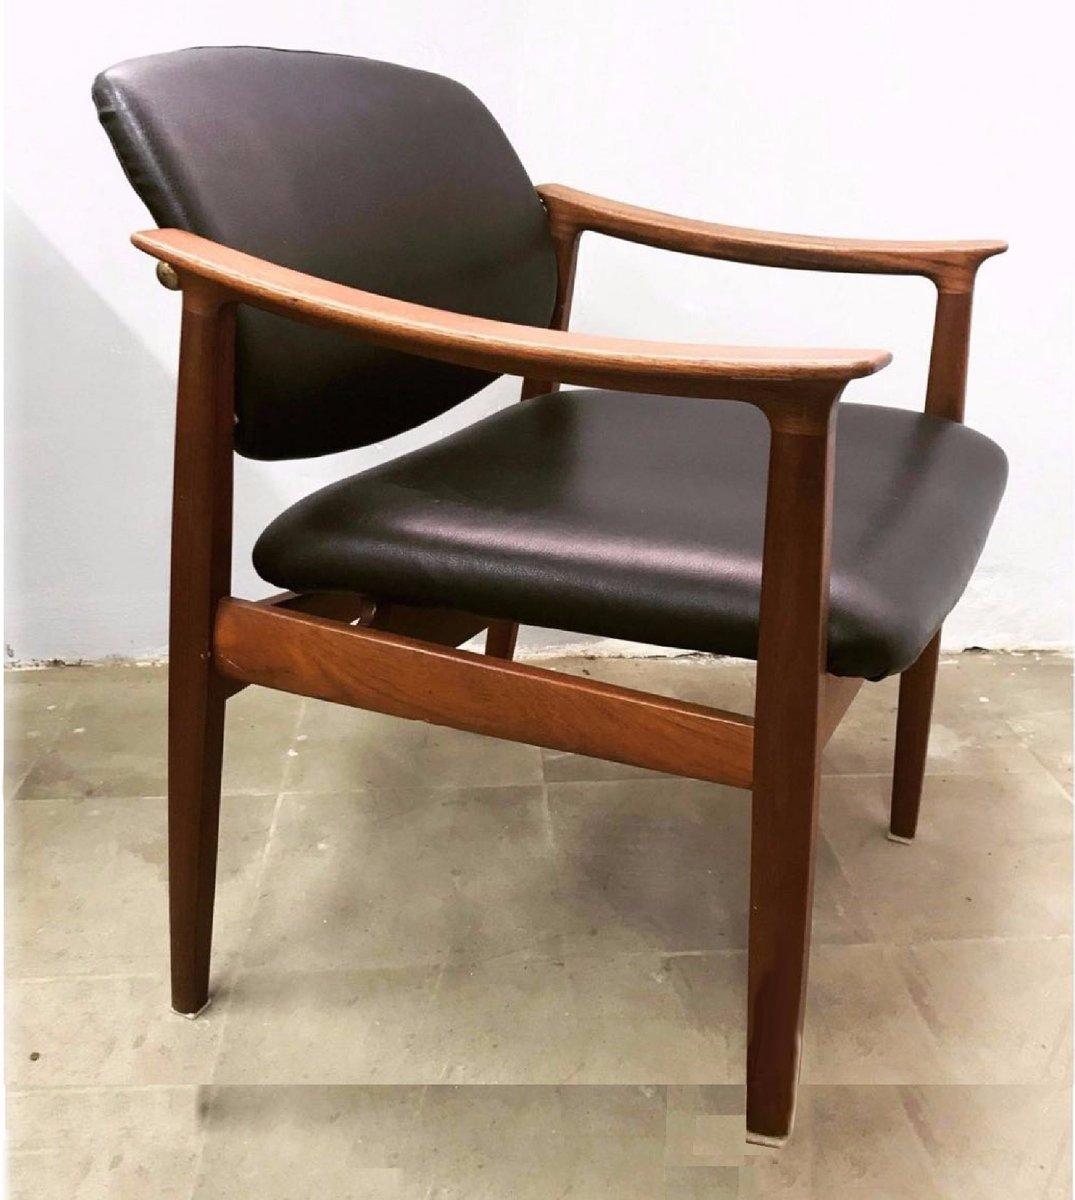 schreibtischstuhl von finn juhl f r france s n 1950er bei pamono kaufen. Black Bedroom Furniture Sets. Home Design Ideas